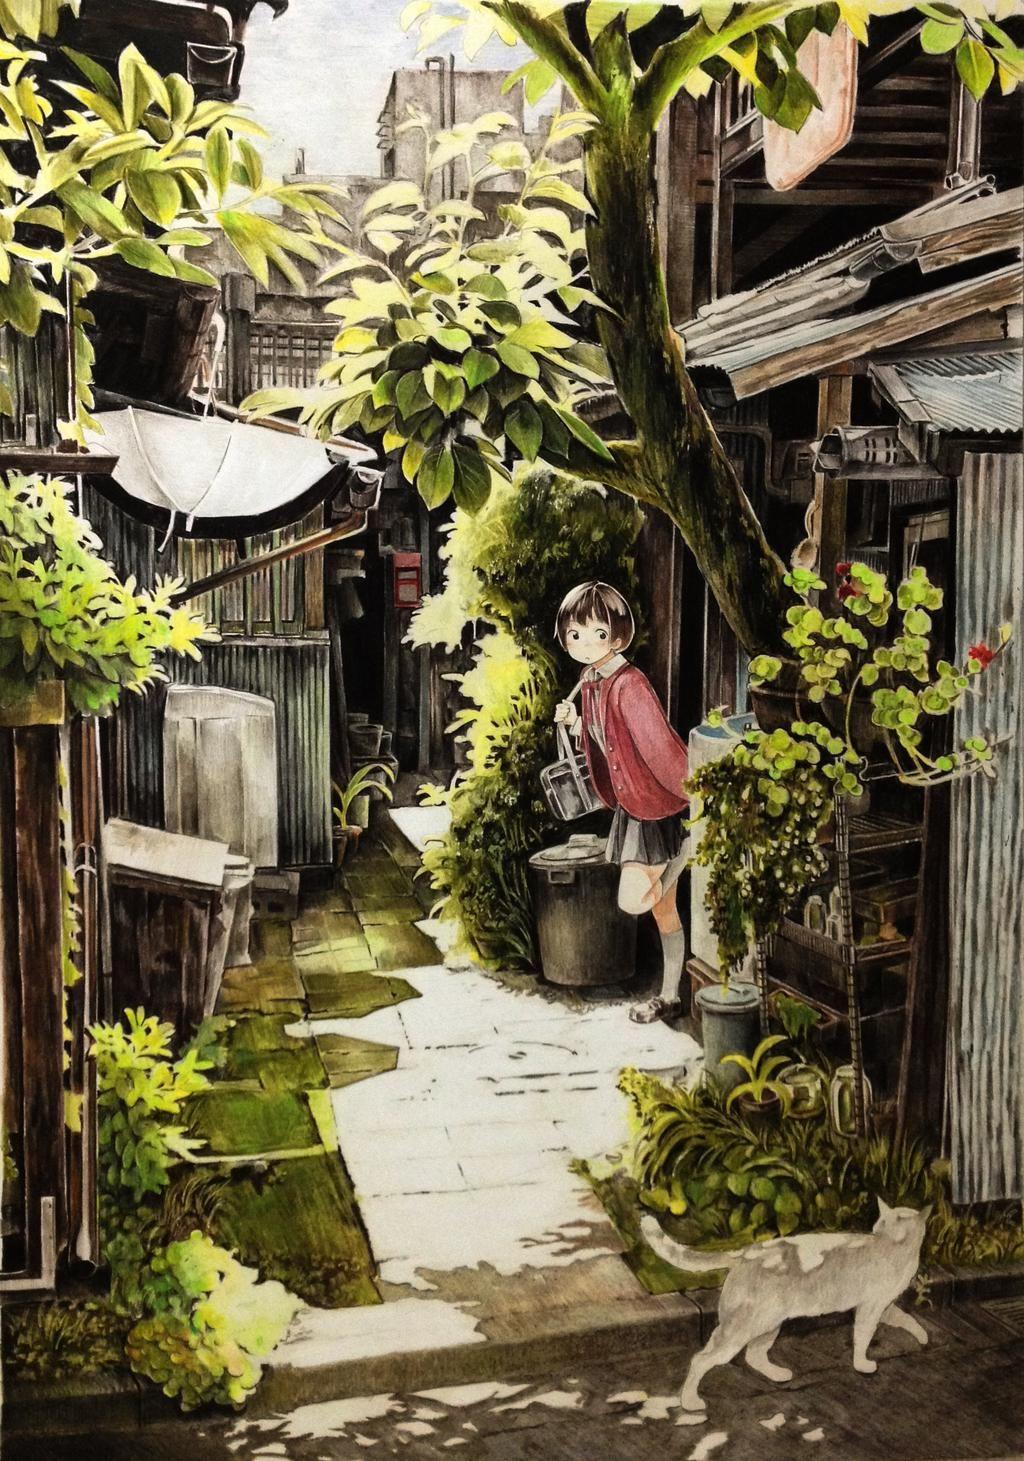 かたひー(カタヒラシュンシ)色鉛筆絵描き (@katahi_0829) | 風景 | pinterest